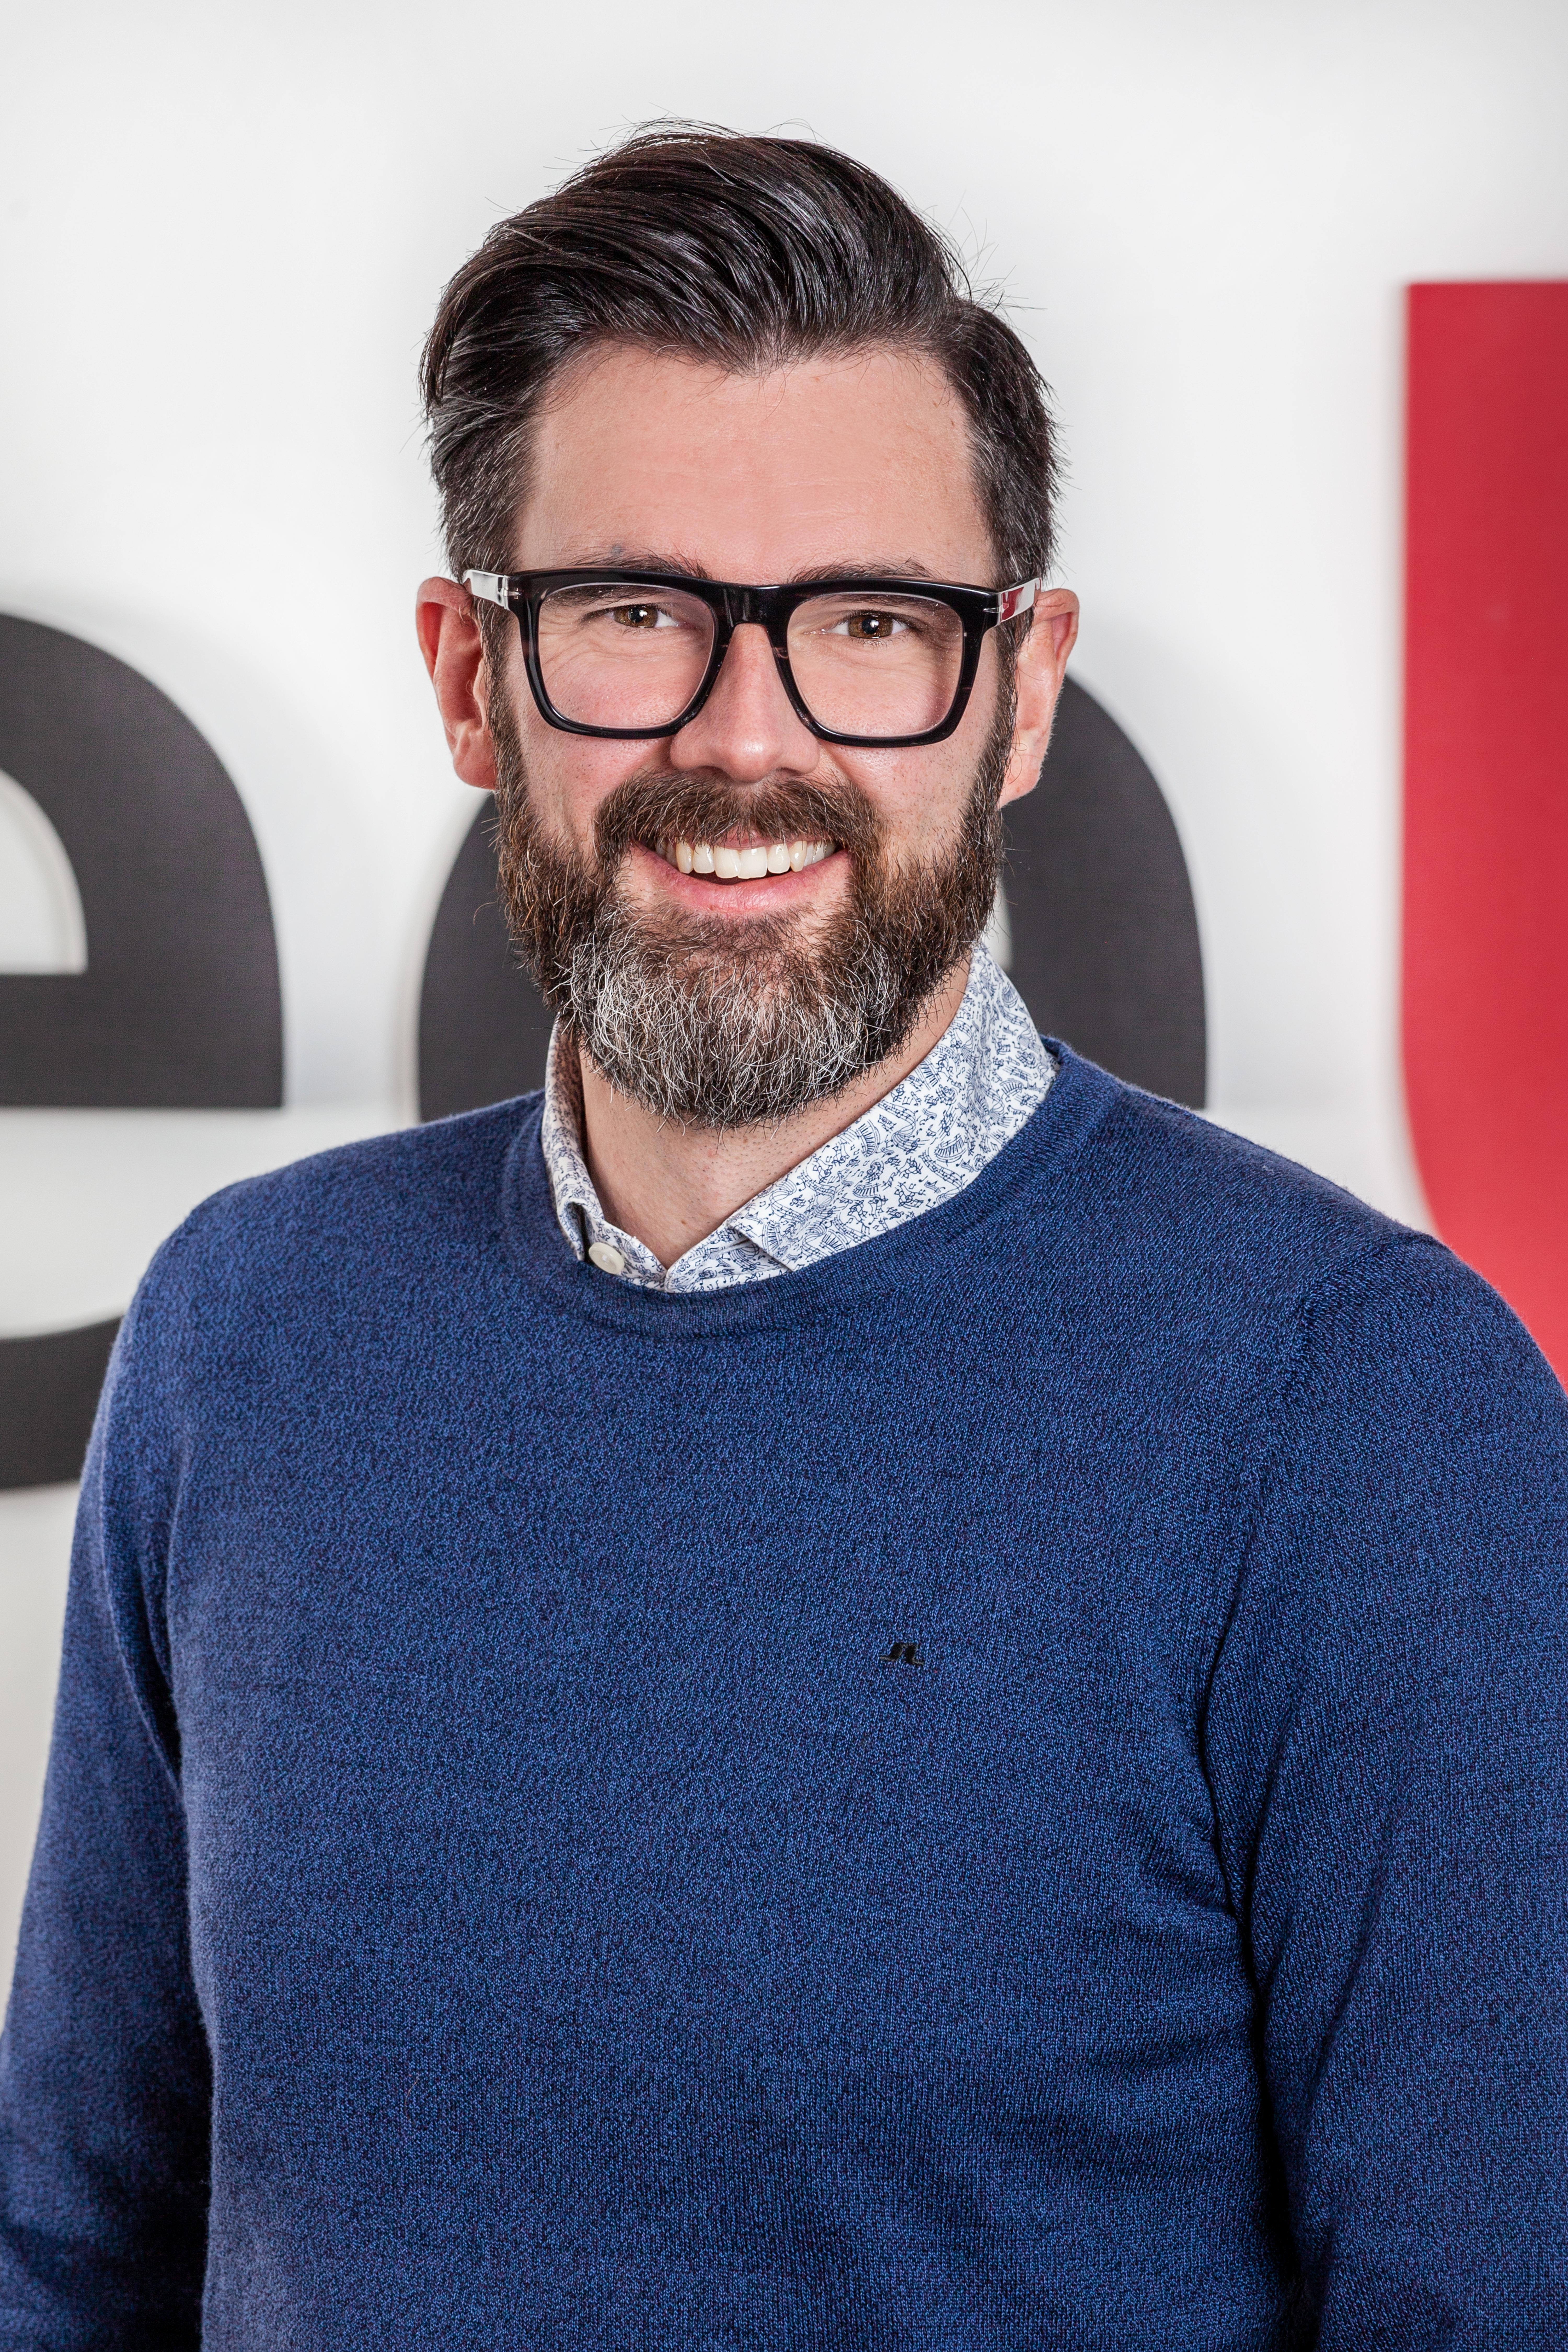 Daniel Mellqvist